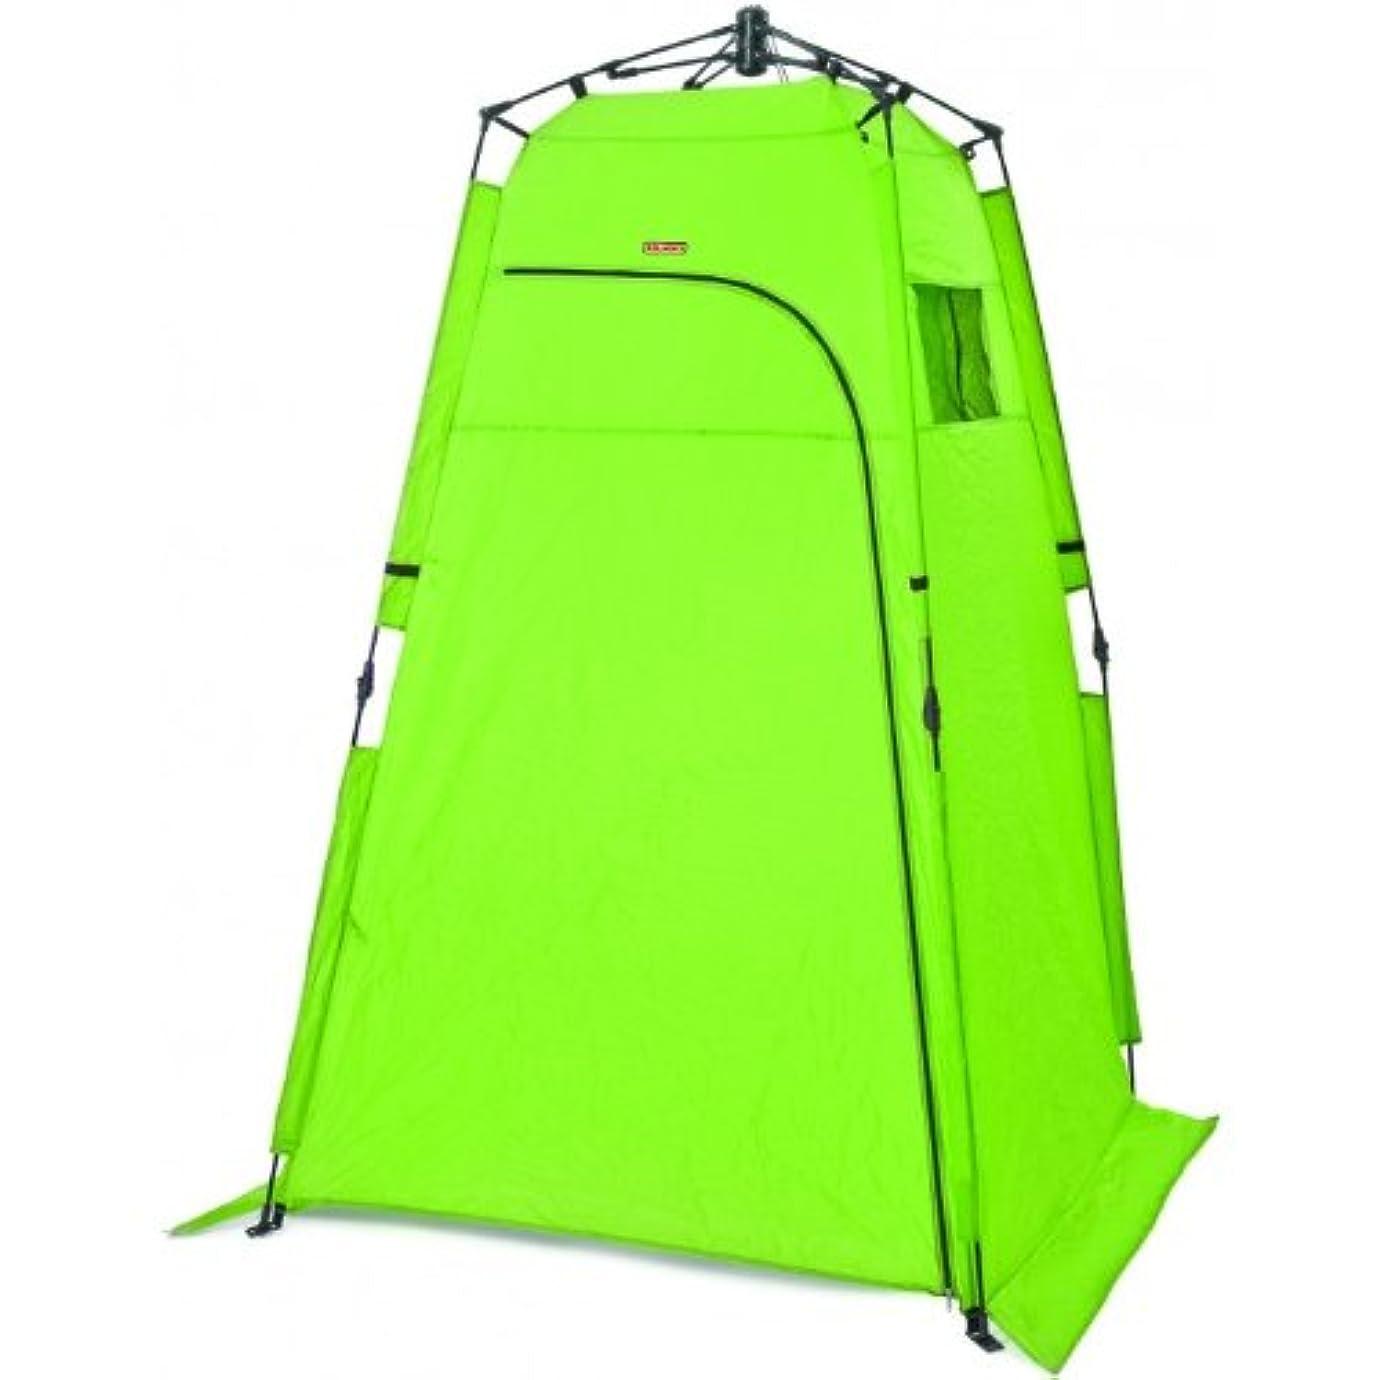 フライト十代の若者たち教えReliance Products Privacy Shelter/Shower by Reliance Products